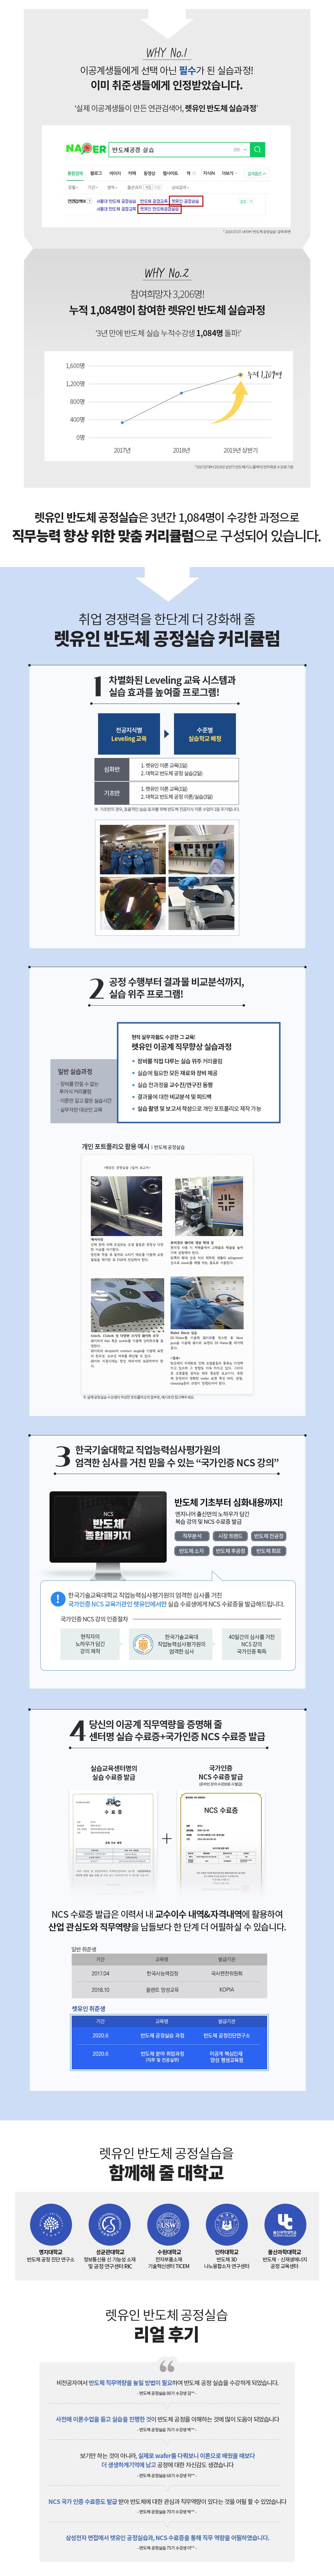 반도체-공정실습-한개-오픈_03.png